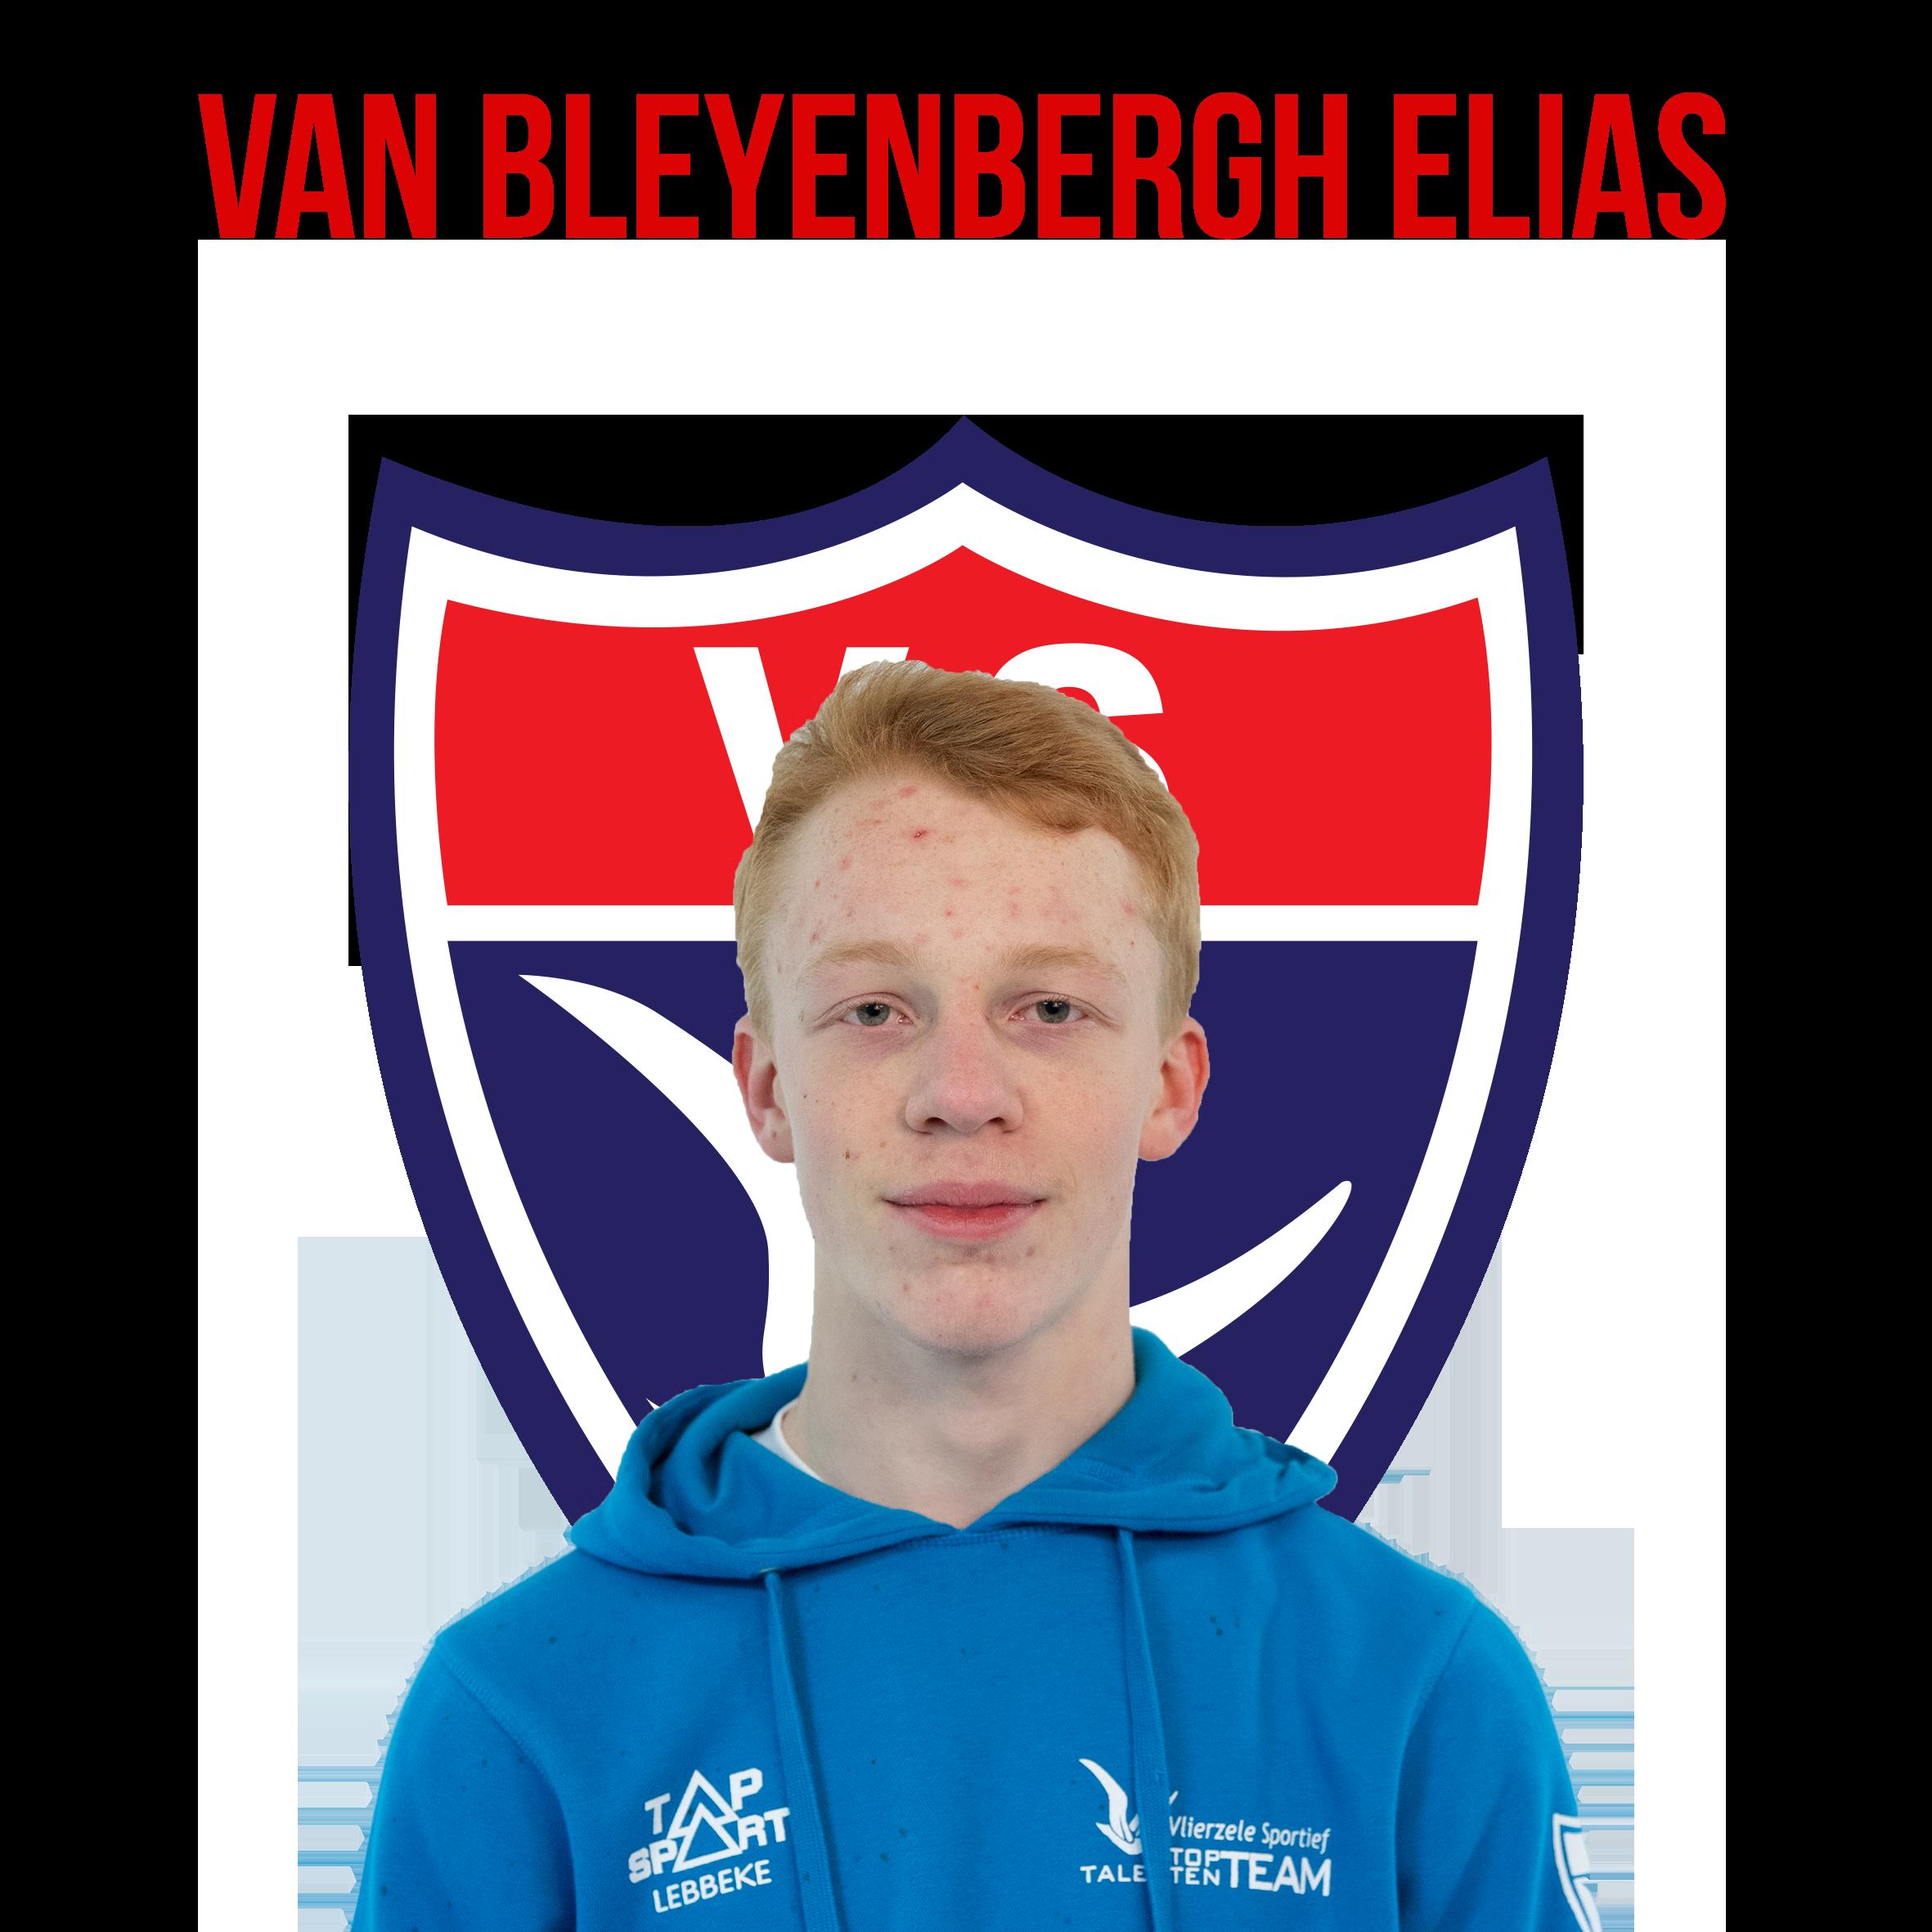 van_bleyenbergh_elias